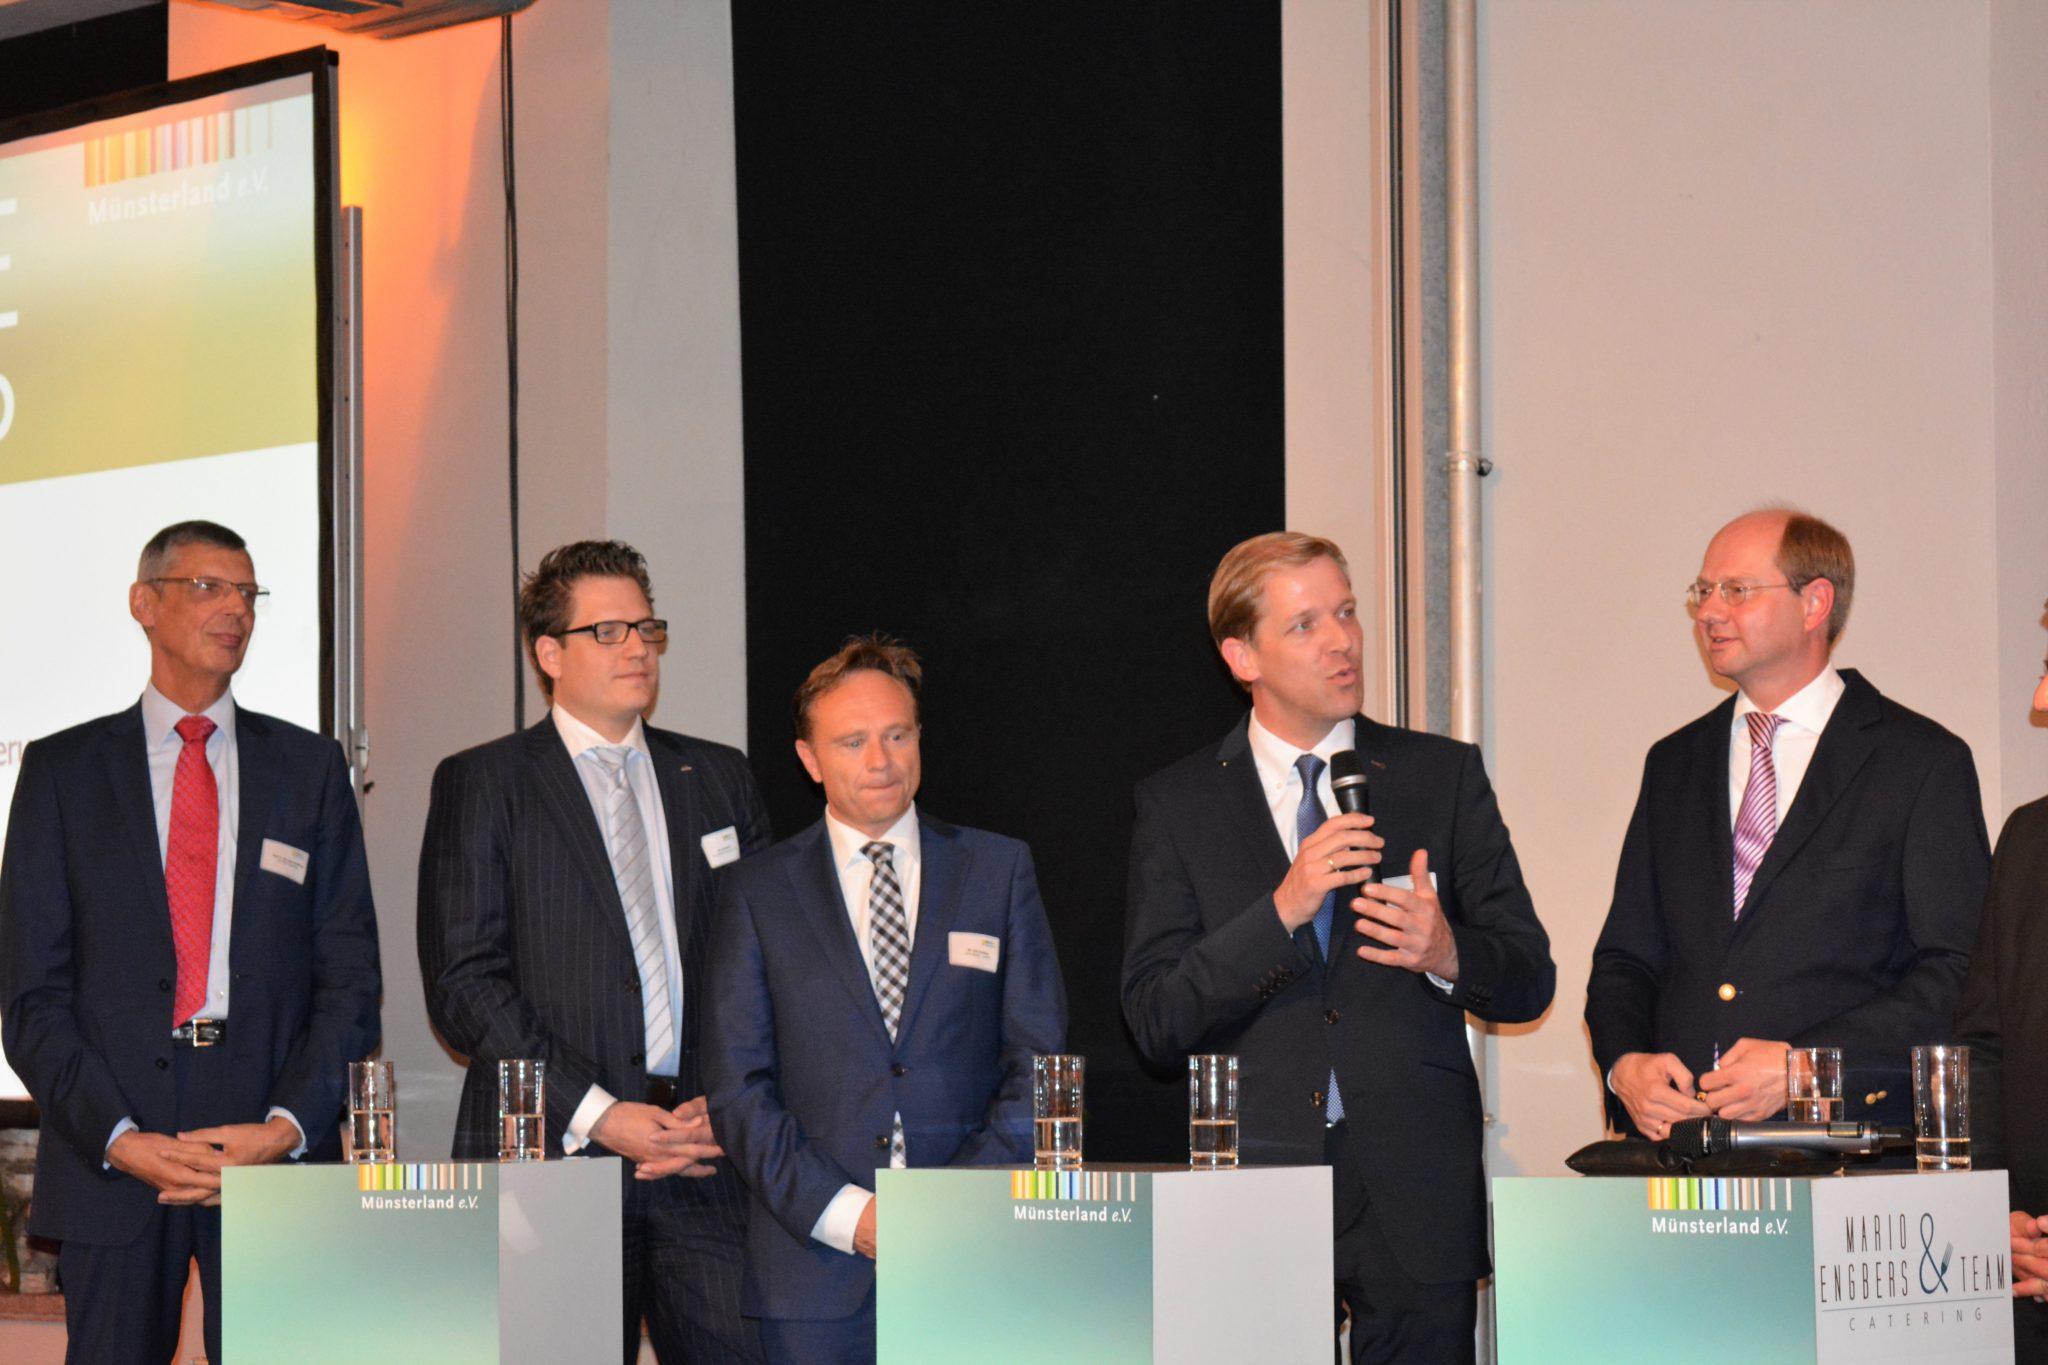 Münsterland e.V. stellt erste Ergebnisse des Markenbildungsprozesses vor: die Marke Münsterland